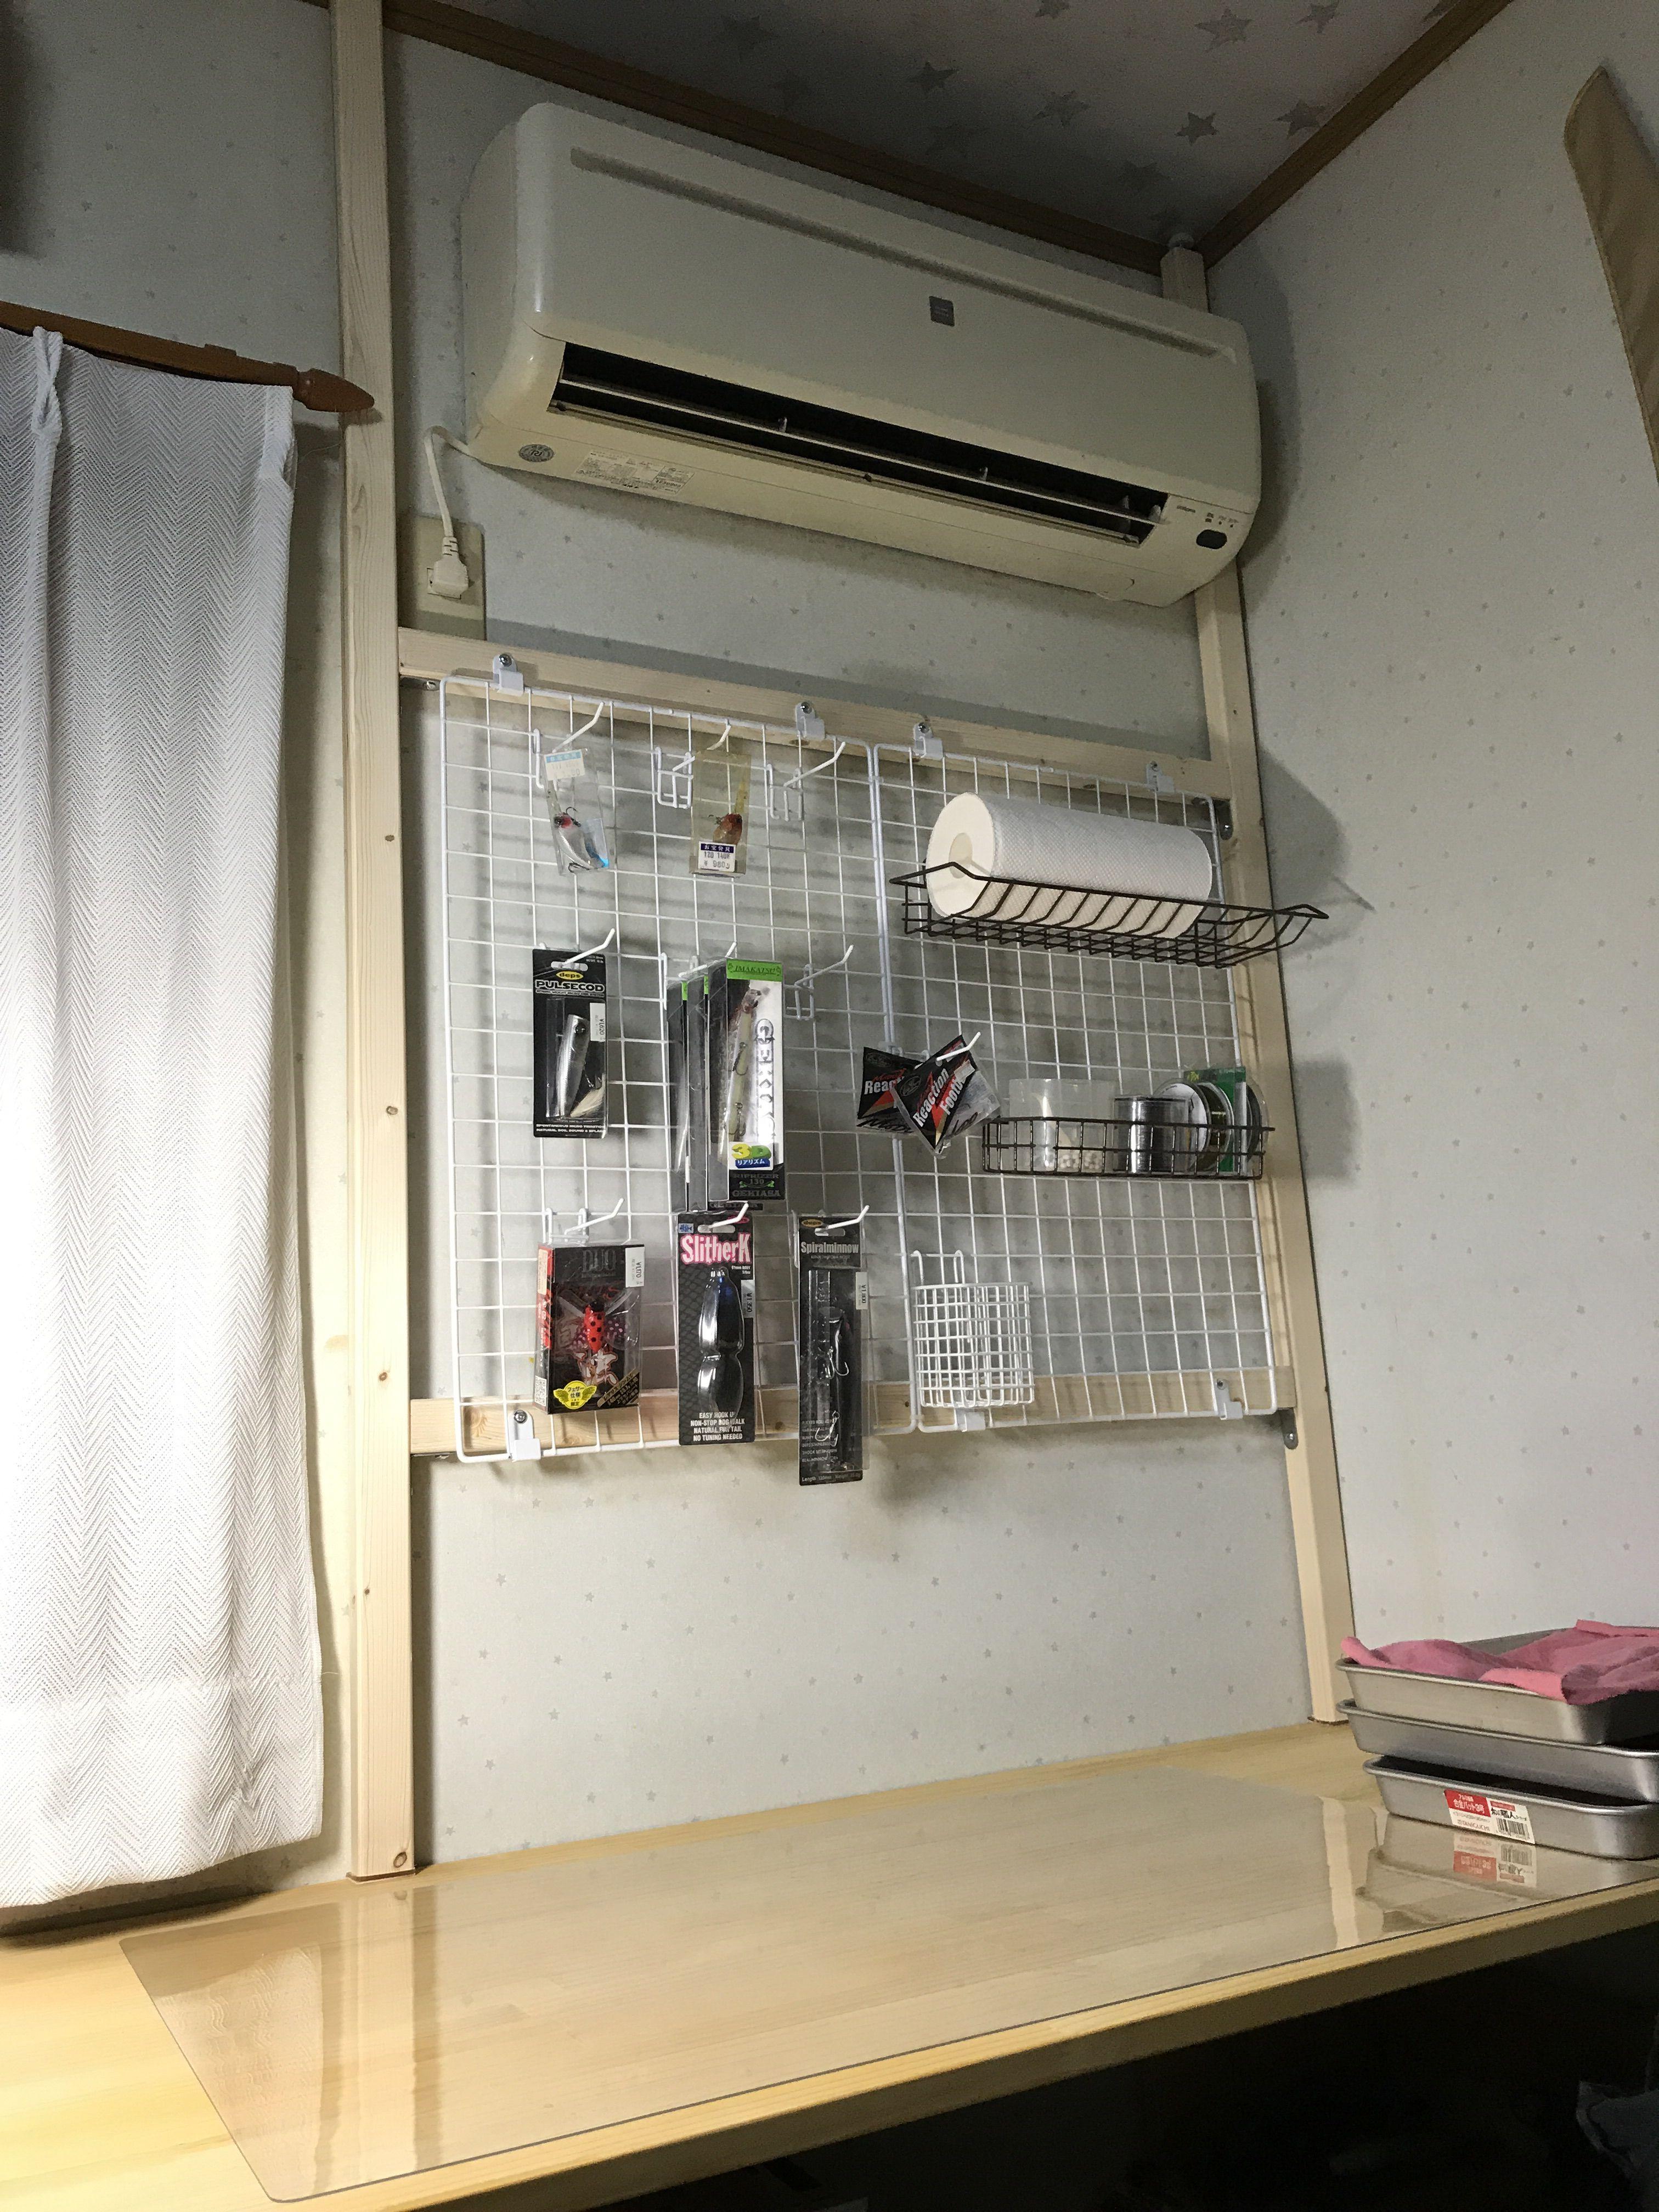 以前作った作業台にディスプレイ トレイを設置しました 机と天井でつっぱっただけですが 重いものをかけるわけでもない